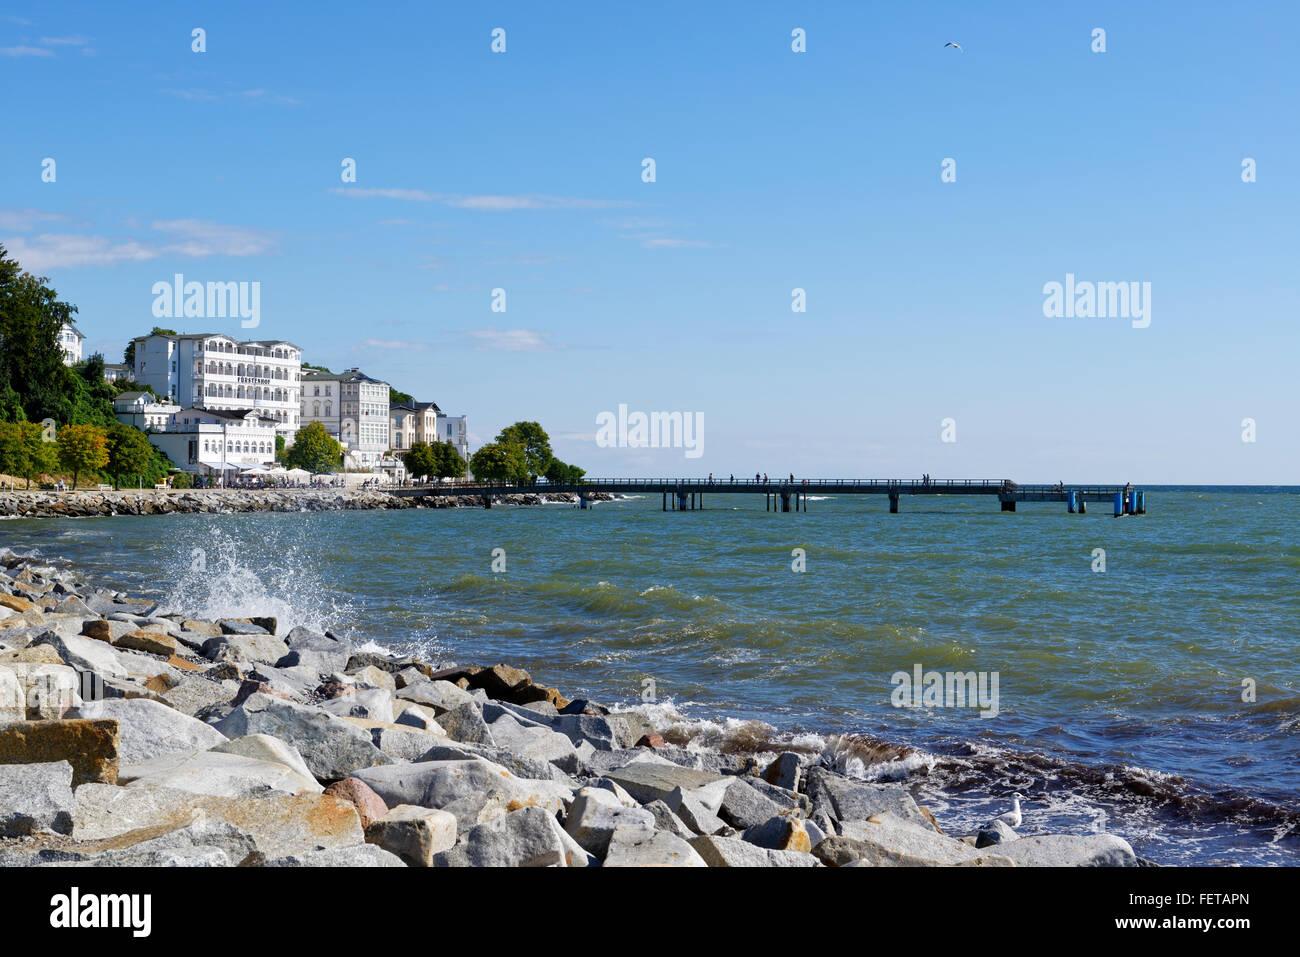 Promenade and Sassnitz Pier, Hotel Fürstenhof, resort architecture, Sassnitz, Rügen, Mecklenburg-Western - Stock Image